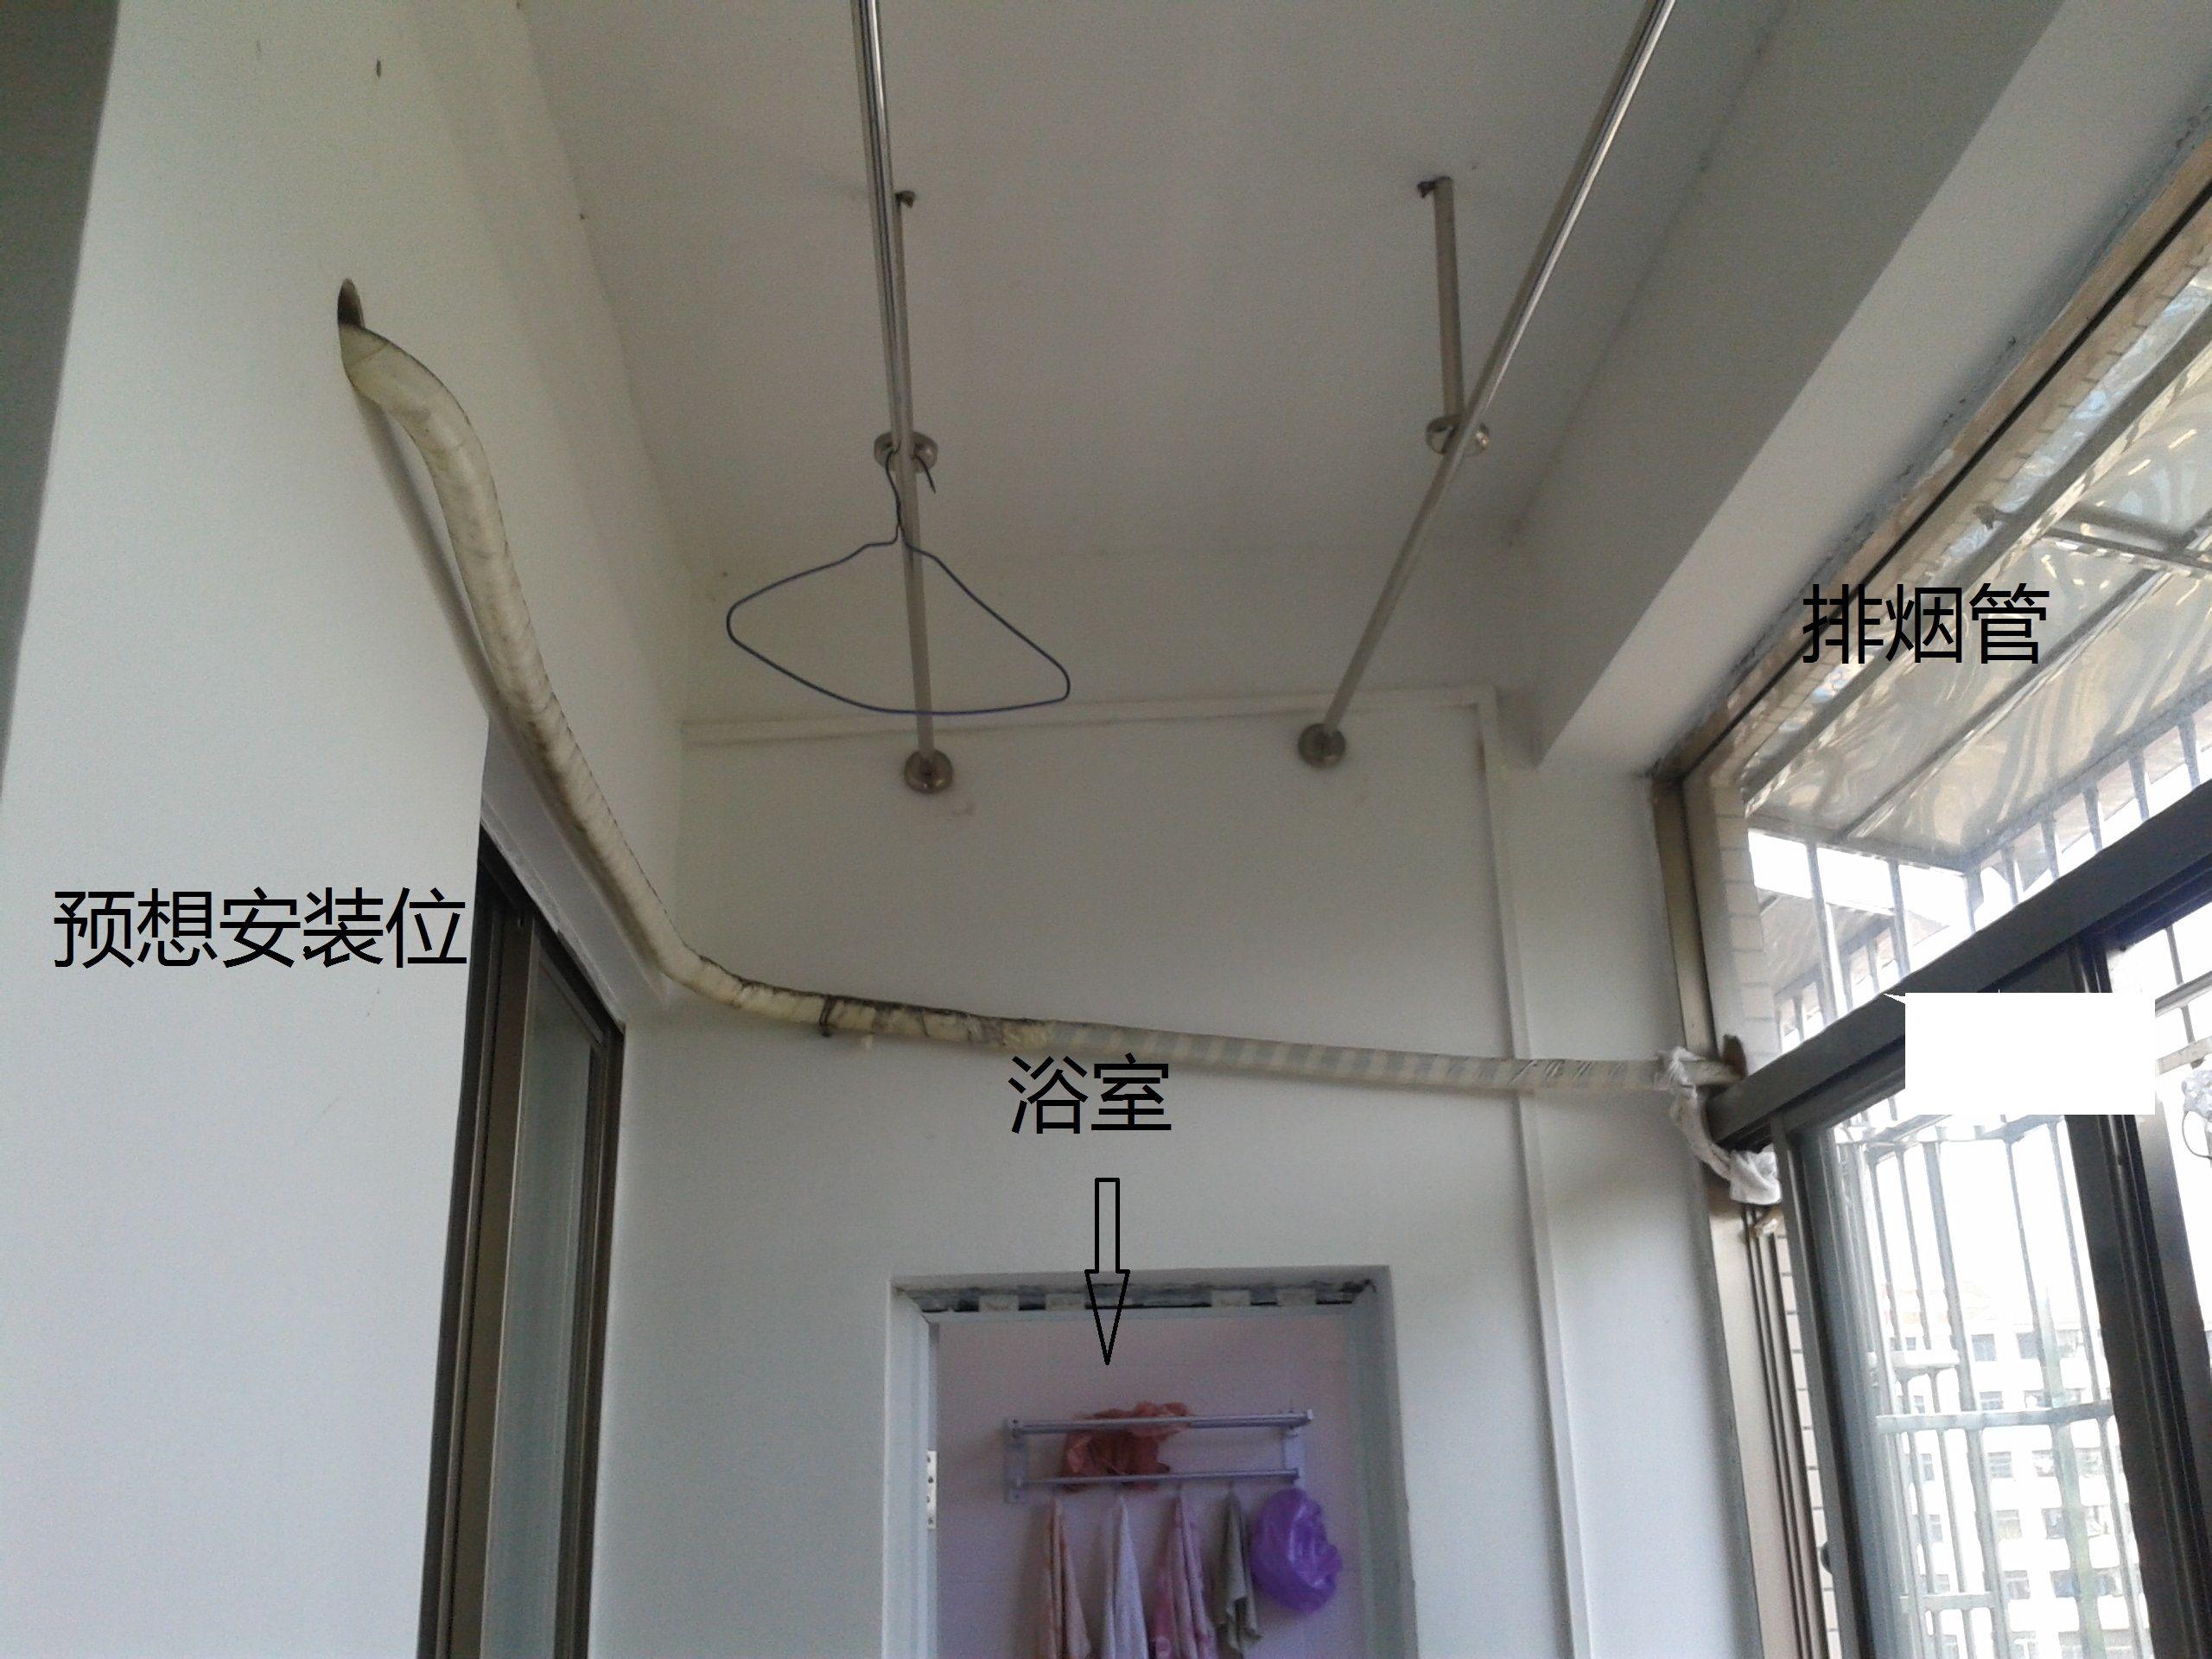 万和强排式热水器安装问题(高悬赏)图片